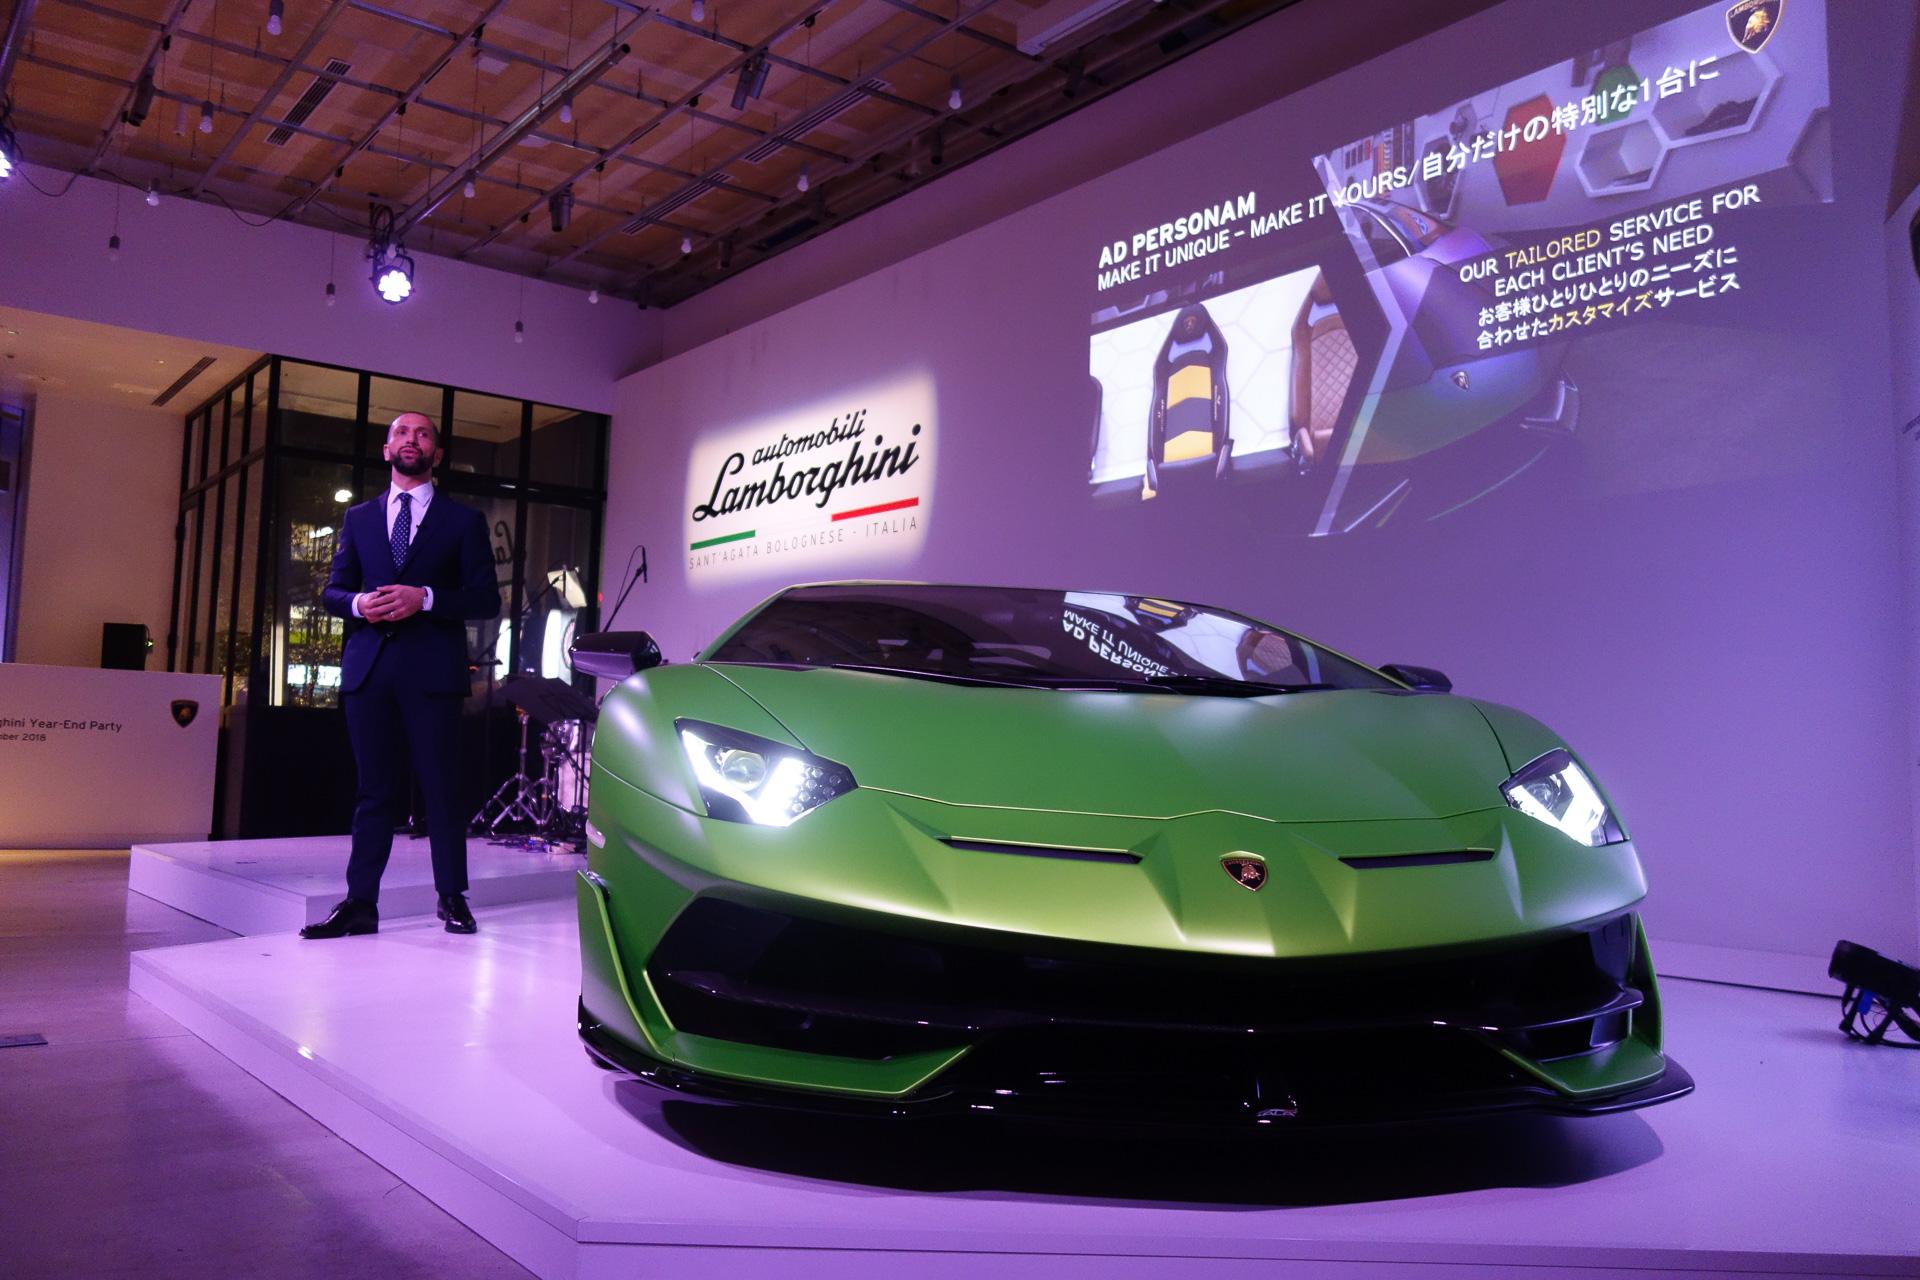 ランボルギーニ、2018年の世界販売台数は4500台以上、日本は540台以上で新記録達成の見込み